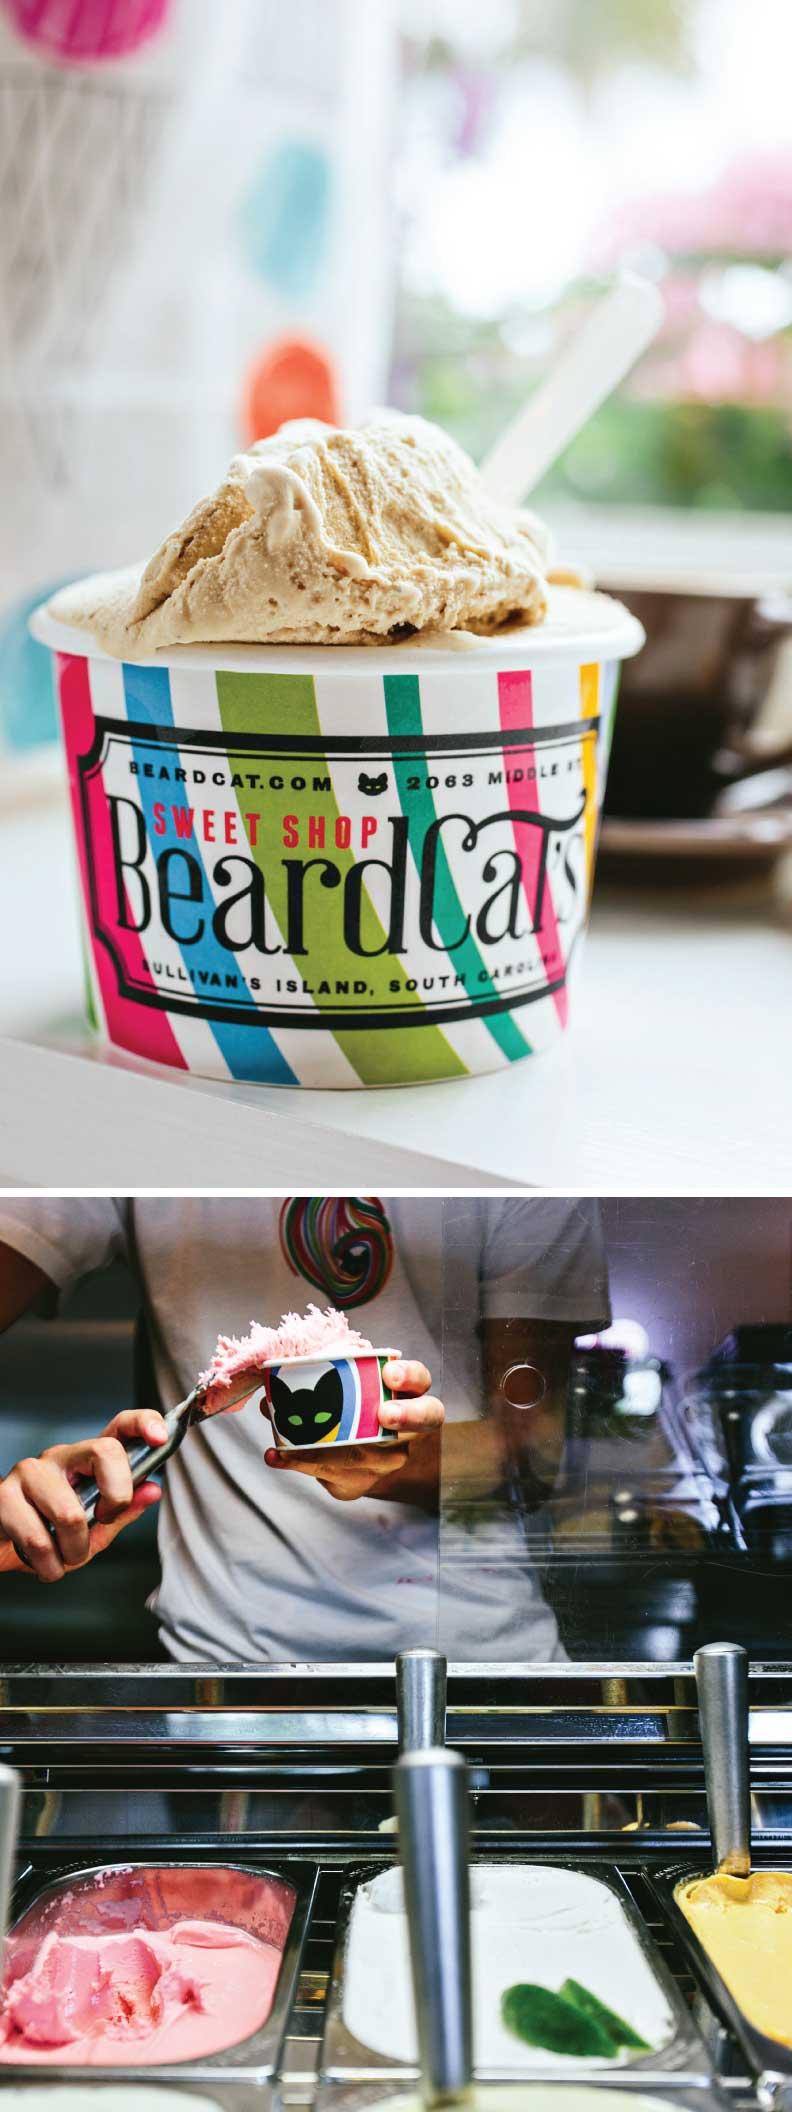 BeardCats